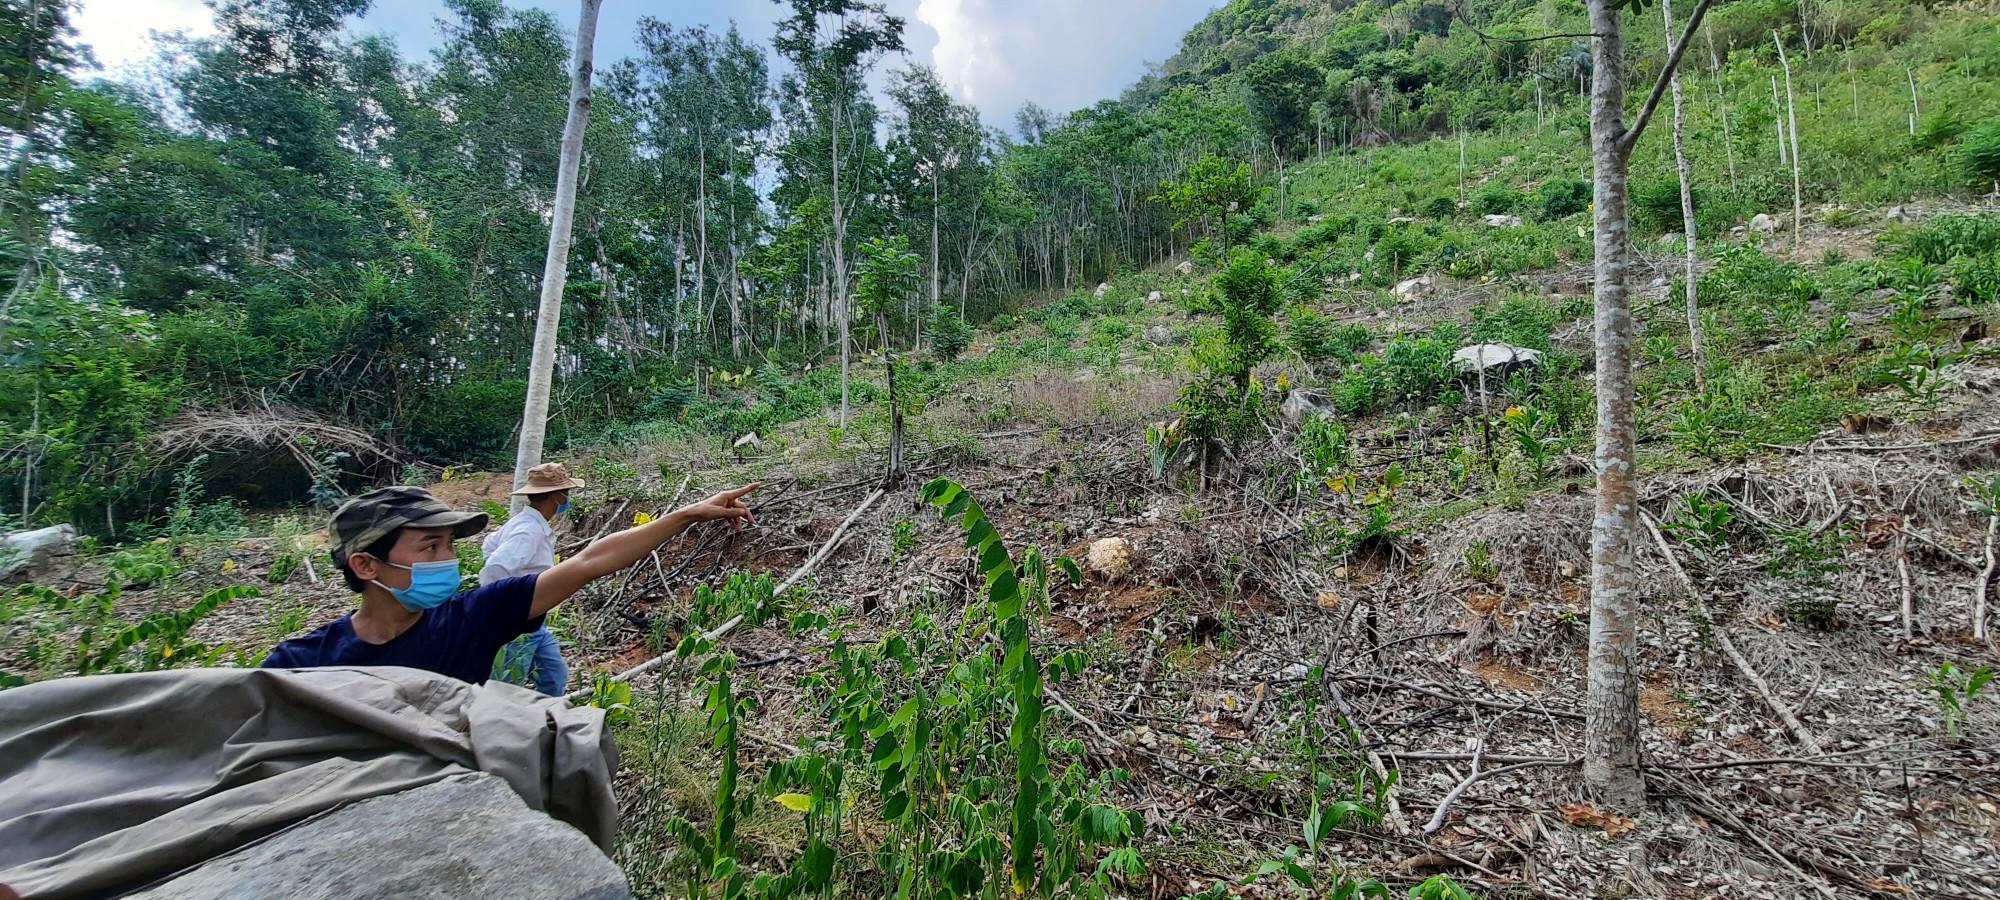 Những hộ dân tại đây cho biết, may mắn là có những cây gỗ khá lớn phía sau nhà họ, ngăn cản đá lăn xuống chứ không hậu quả rất khó lường